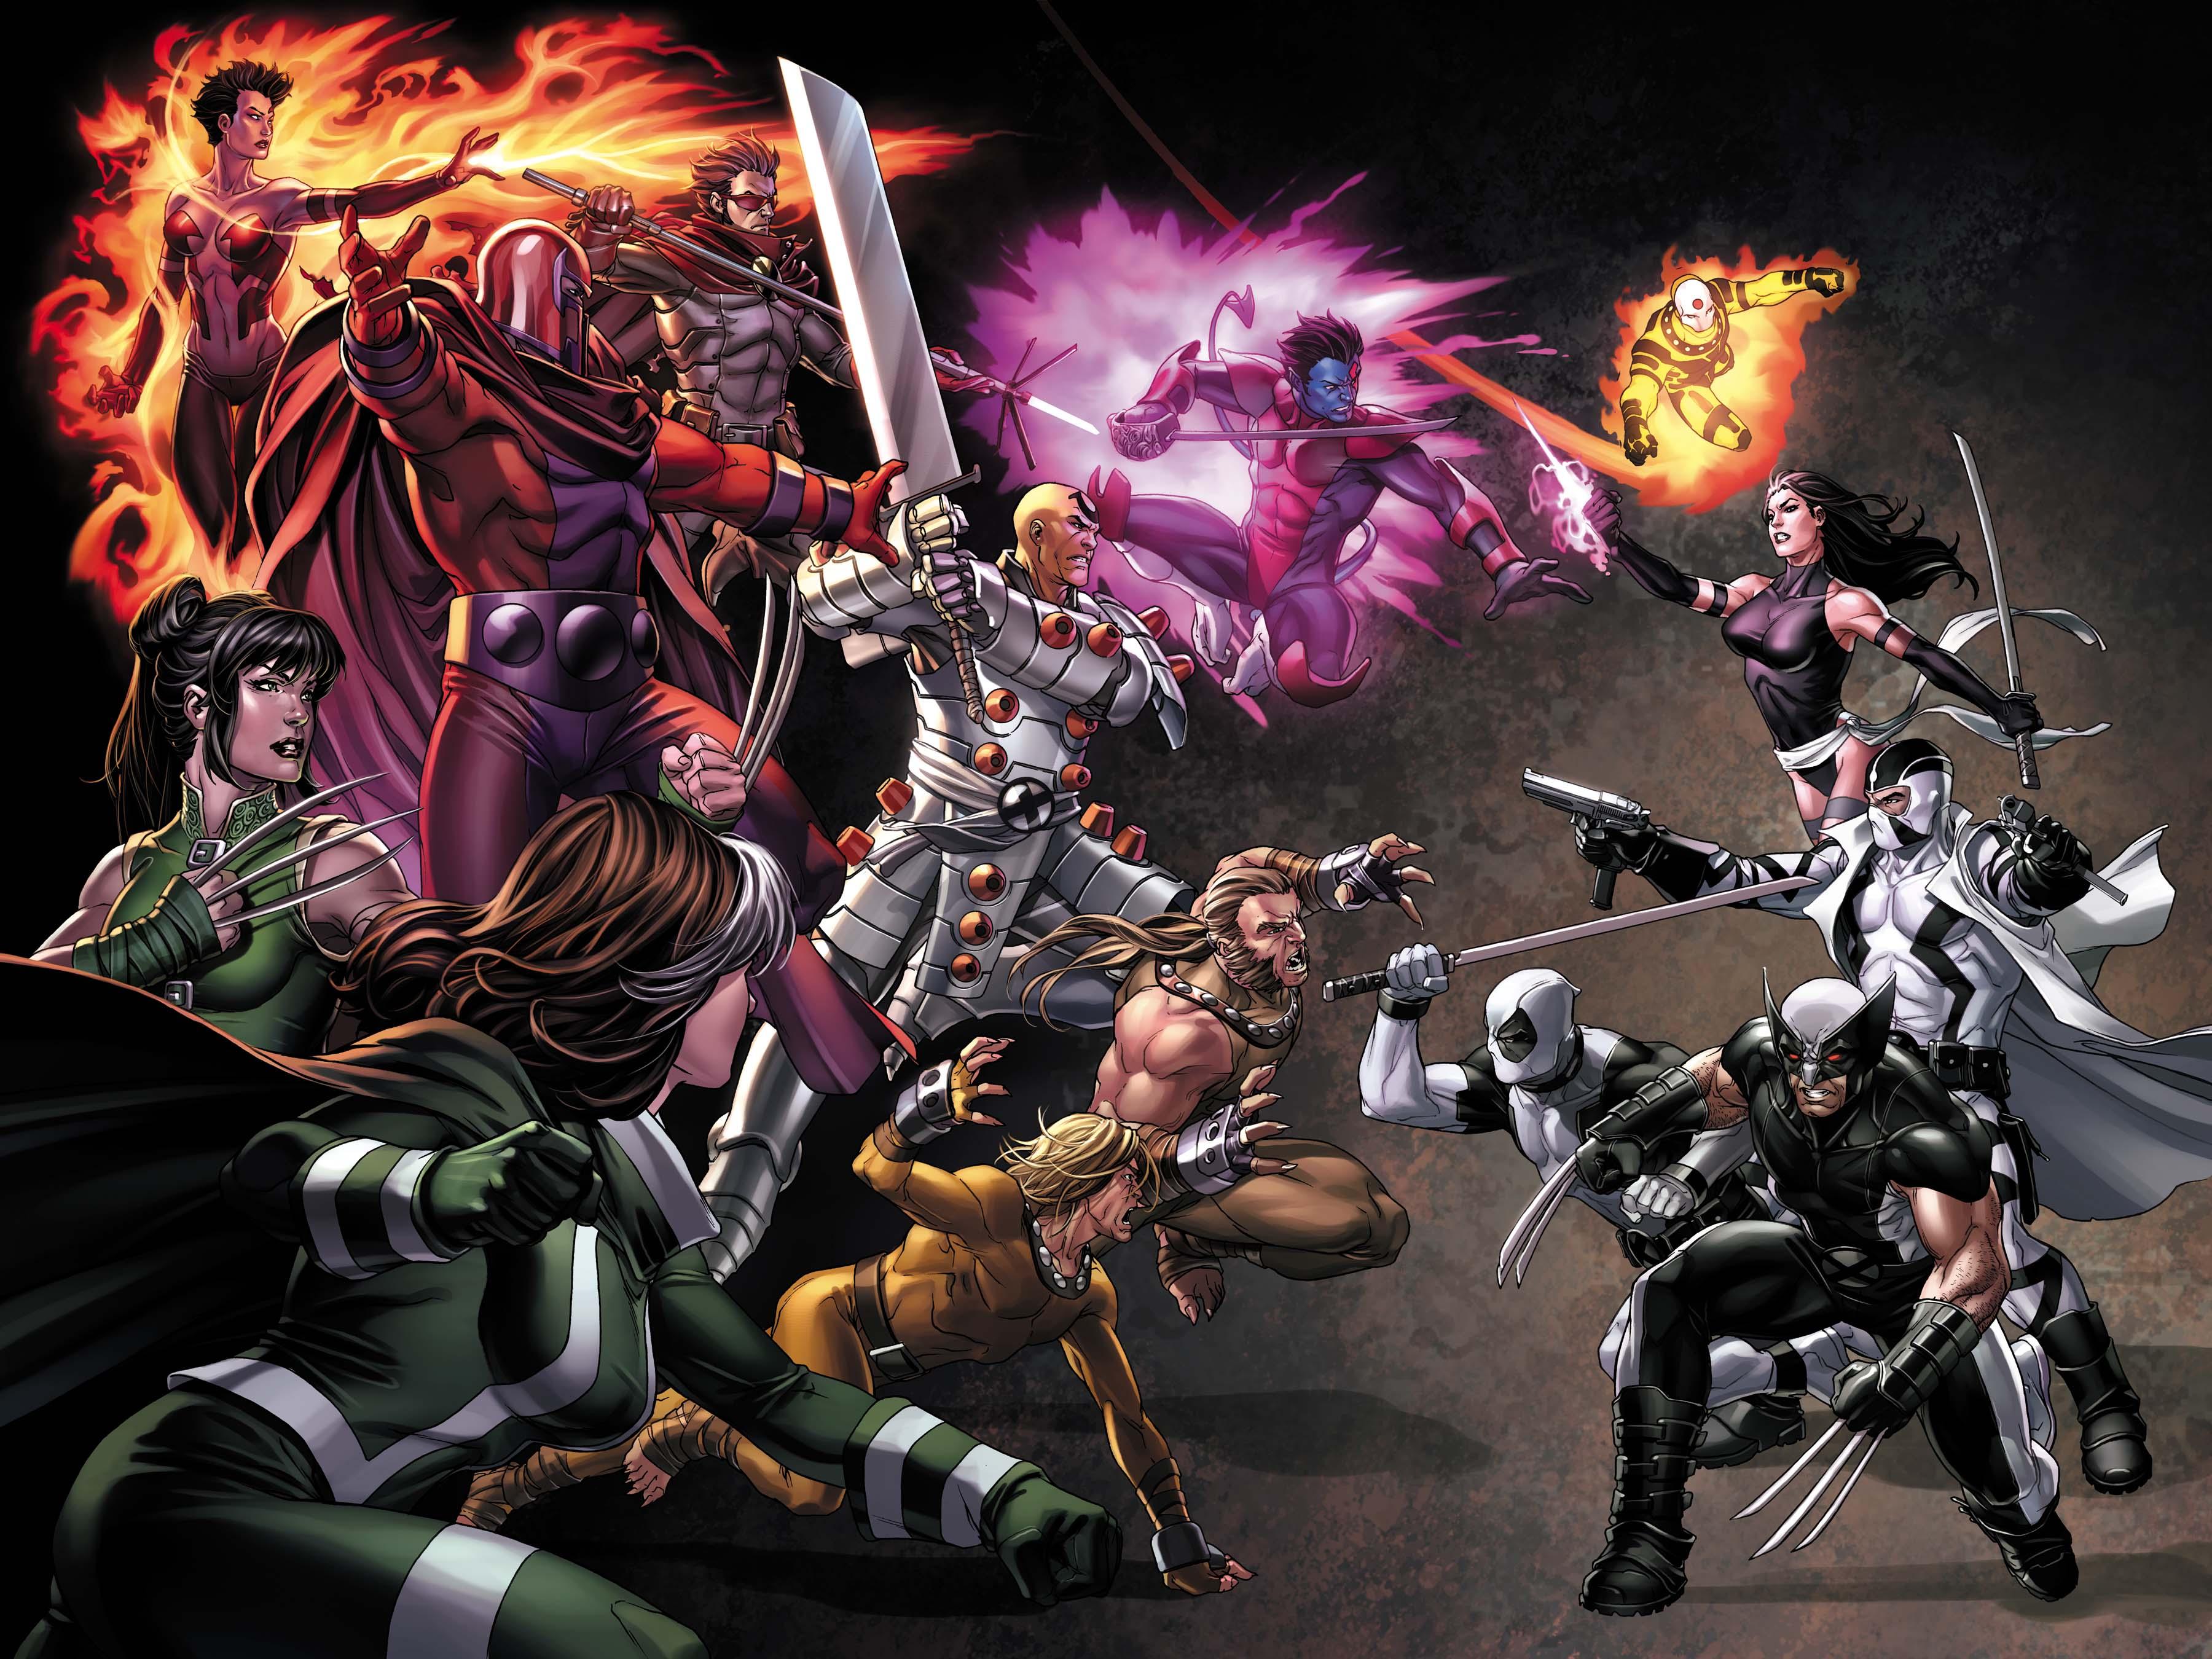 Люди-икс: наследие том 2 x-men: legacy vol 2 1